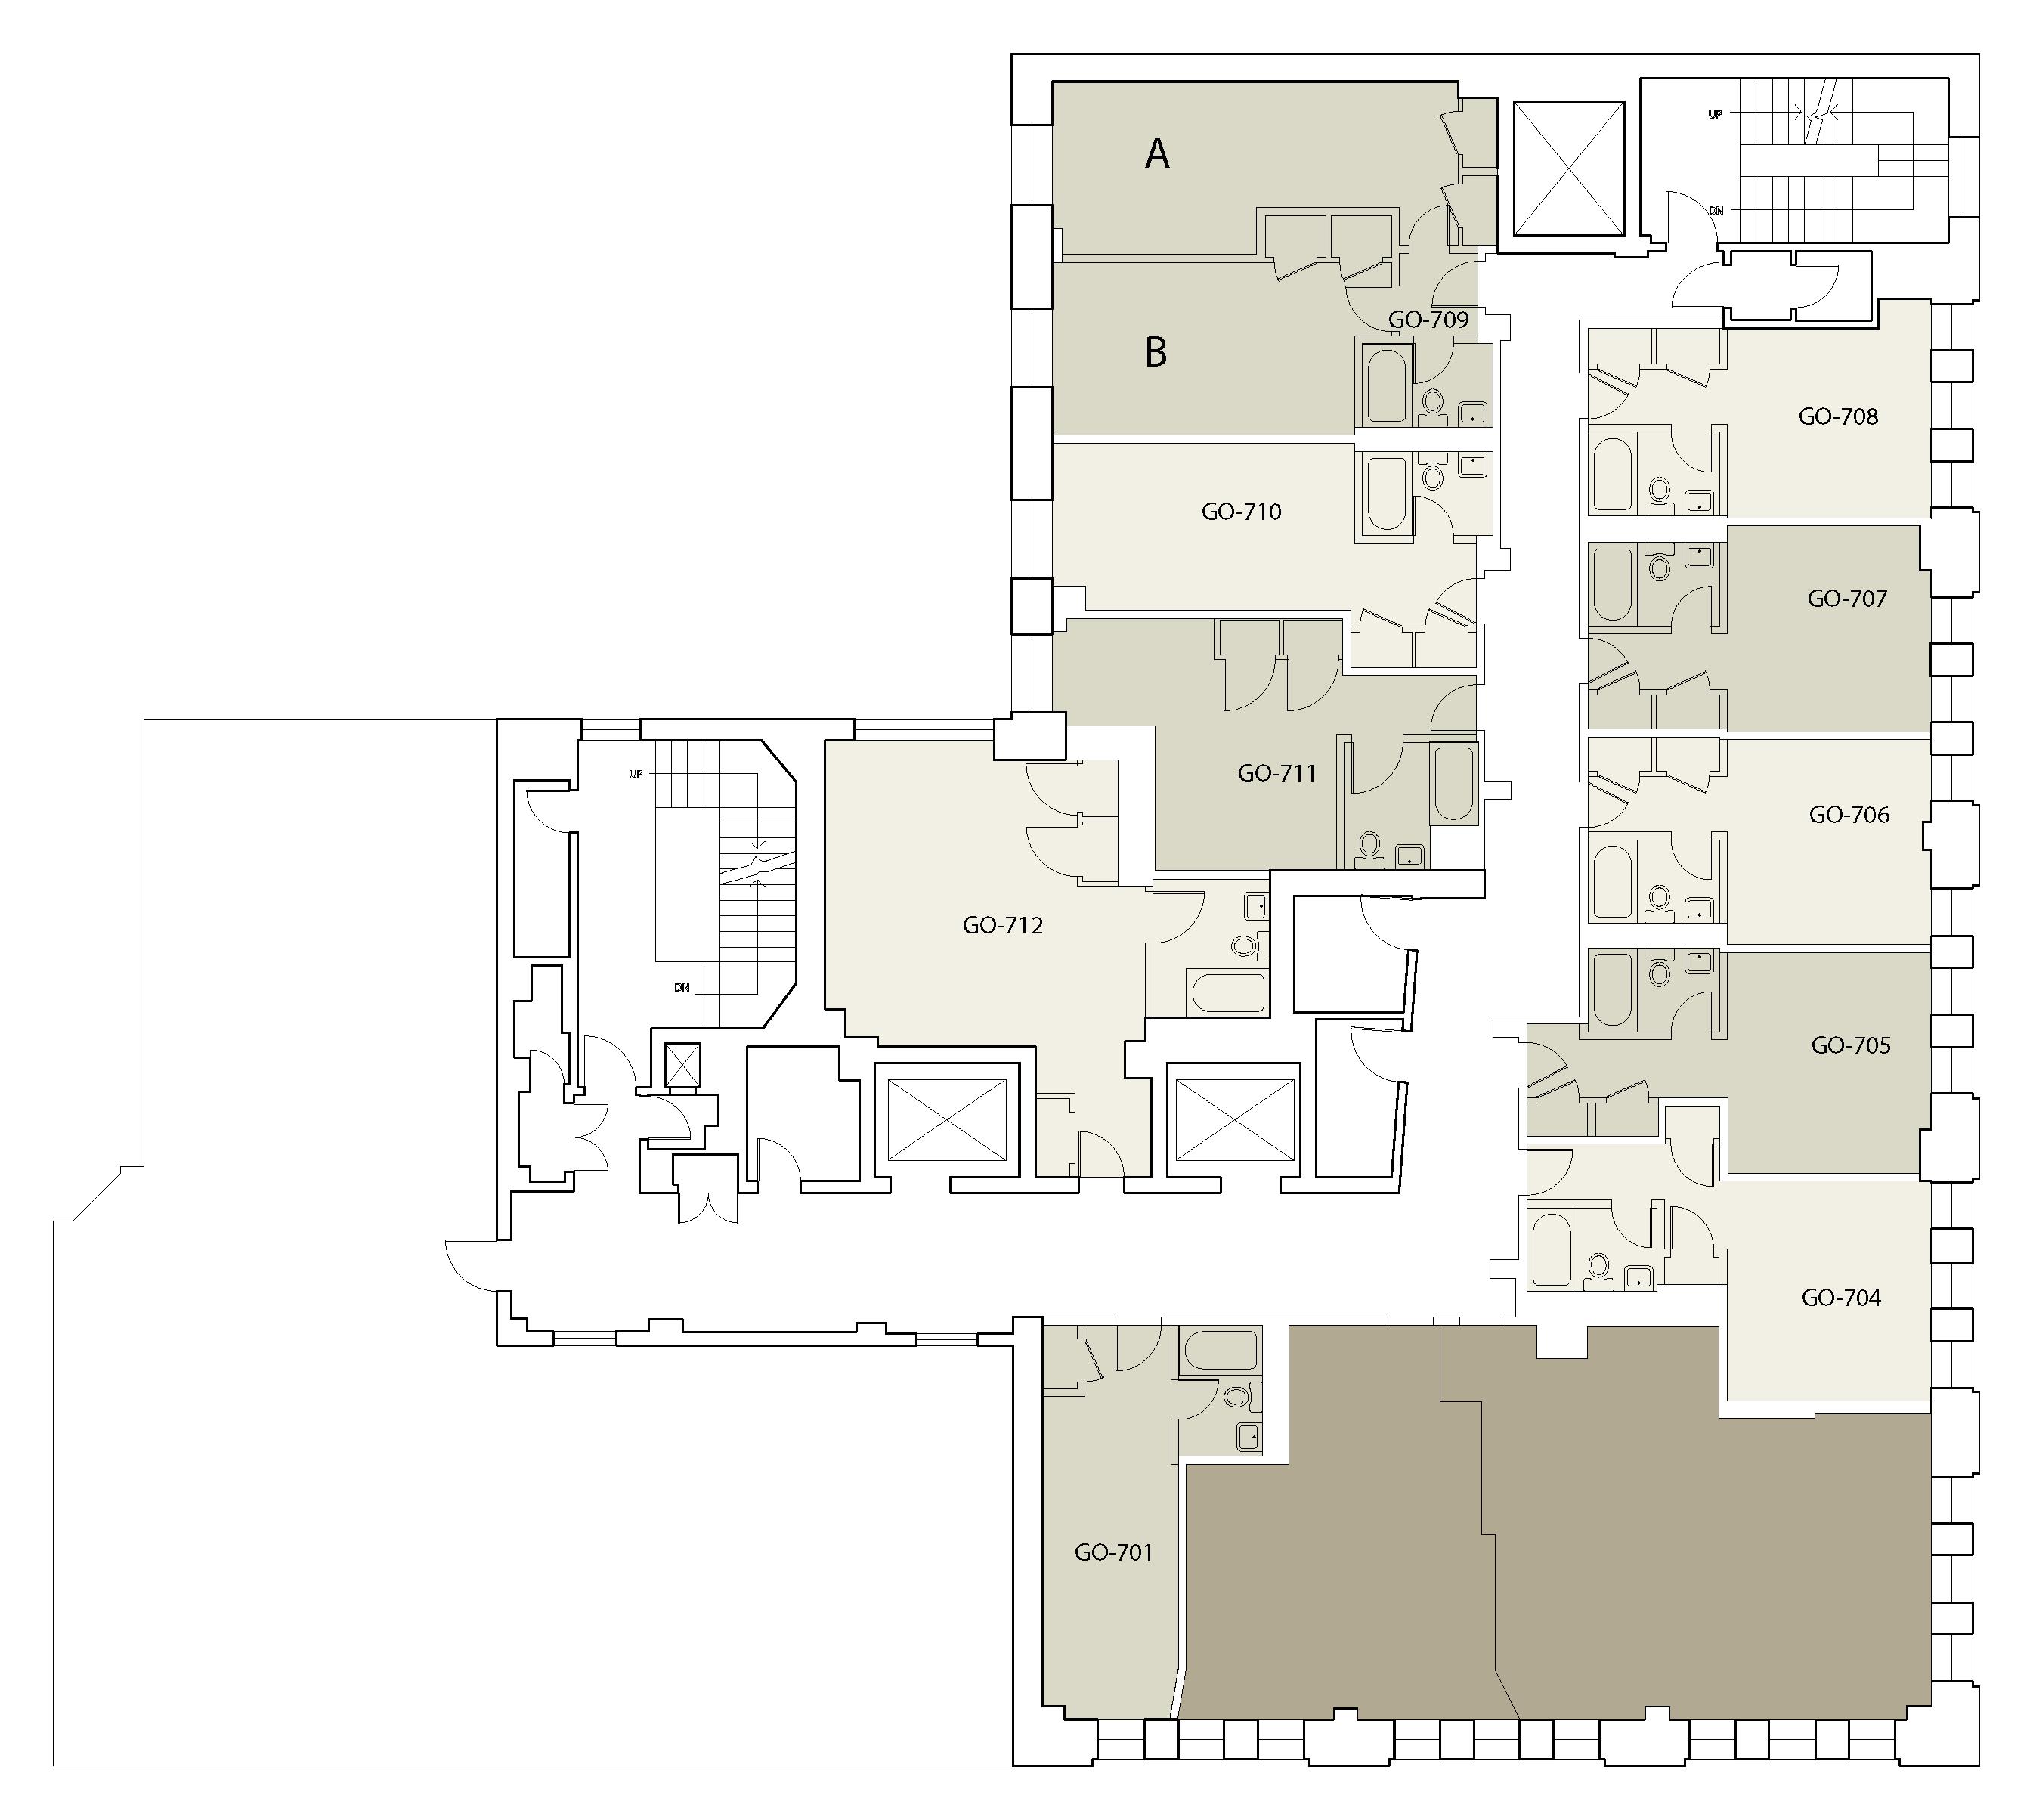 Floor plan for Goddard Floor 07